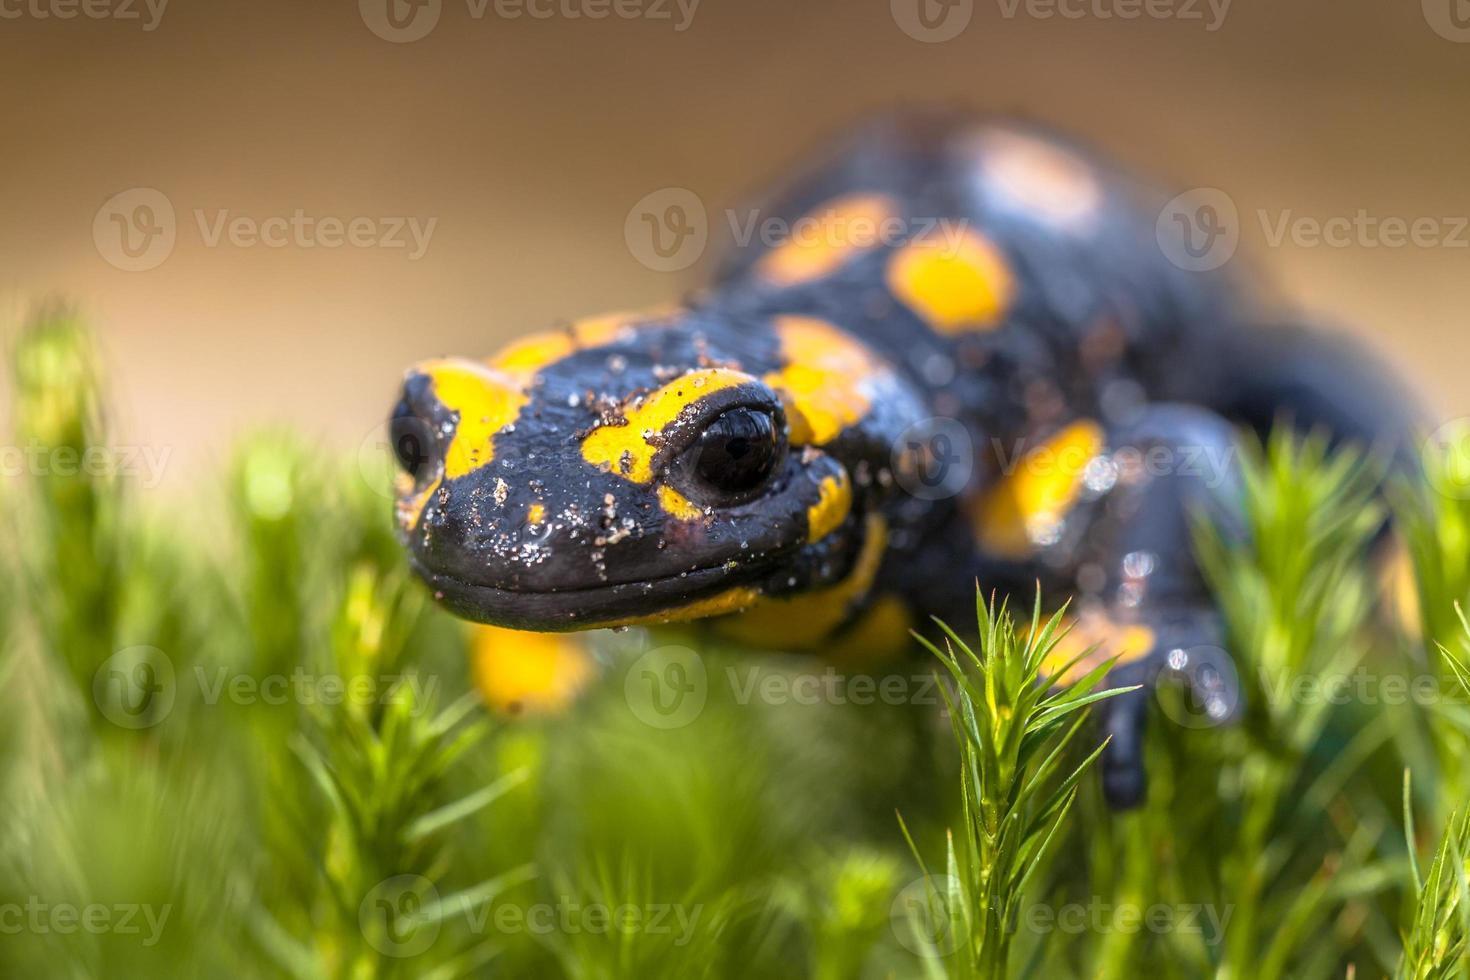 gros plan de la salamandre tachetée dans son habitat naturel photo